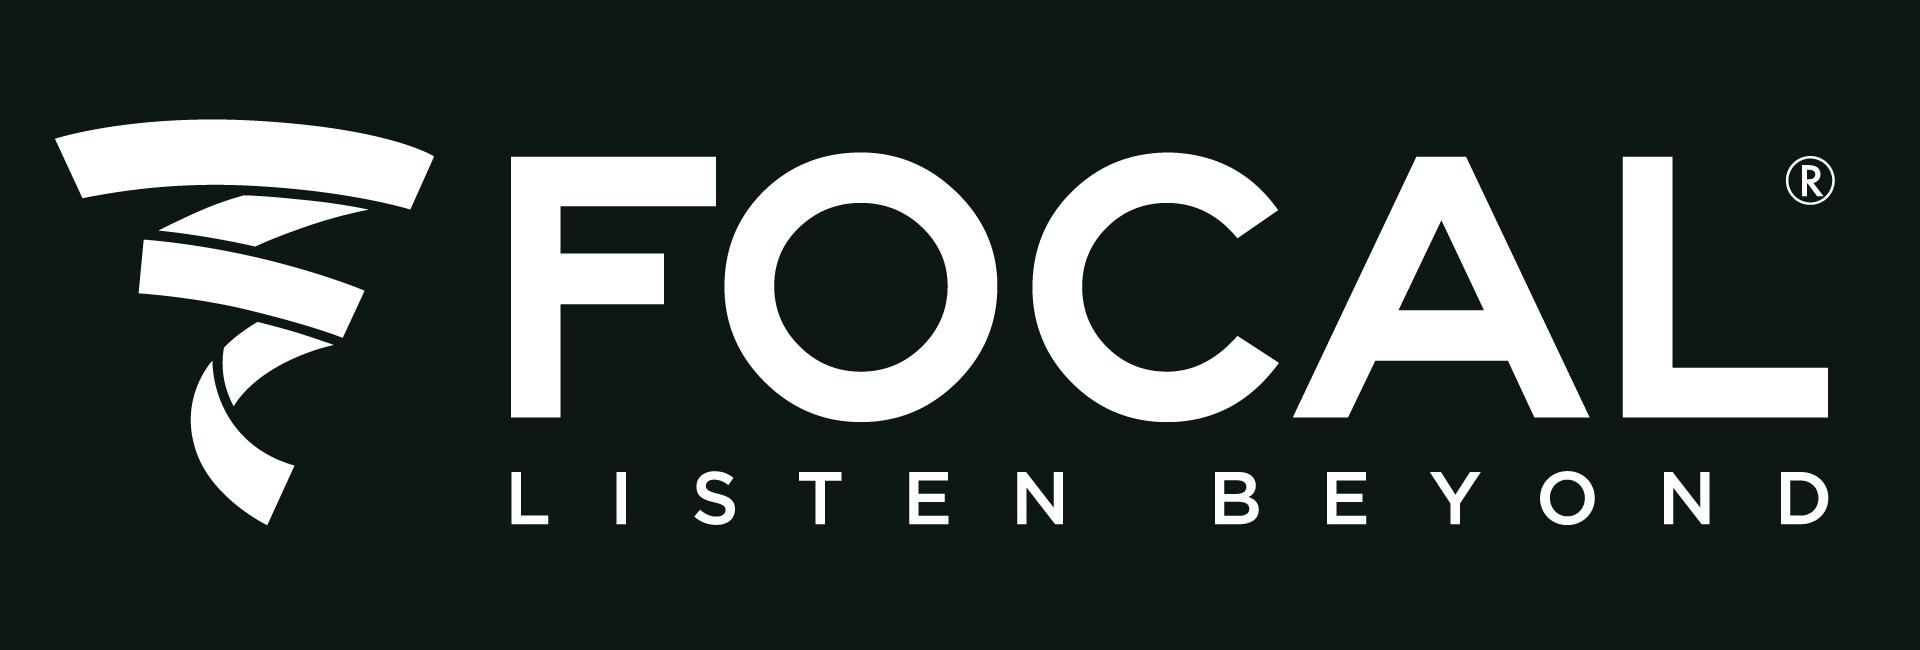 logo-focal-audio-son-marque-entreprise-corporate-identite-visuelle-jmlab-fond-noir-officiel